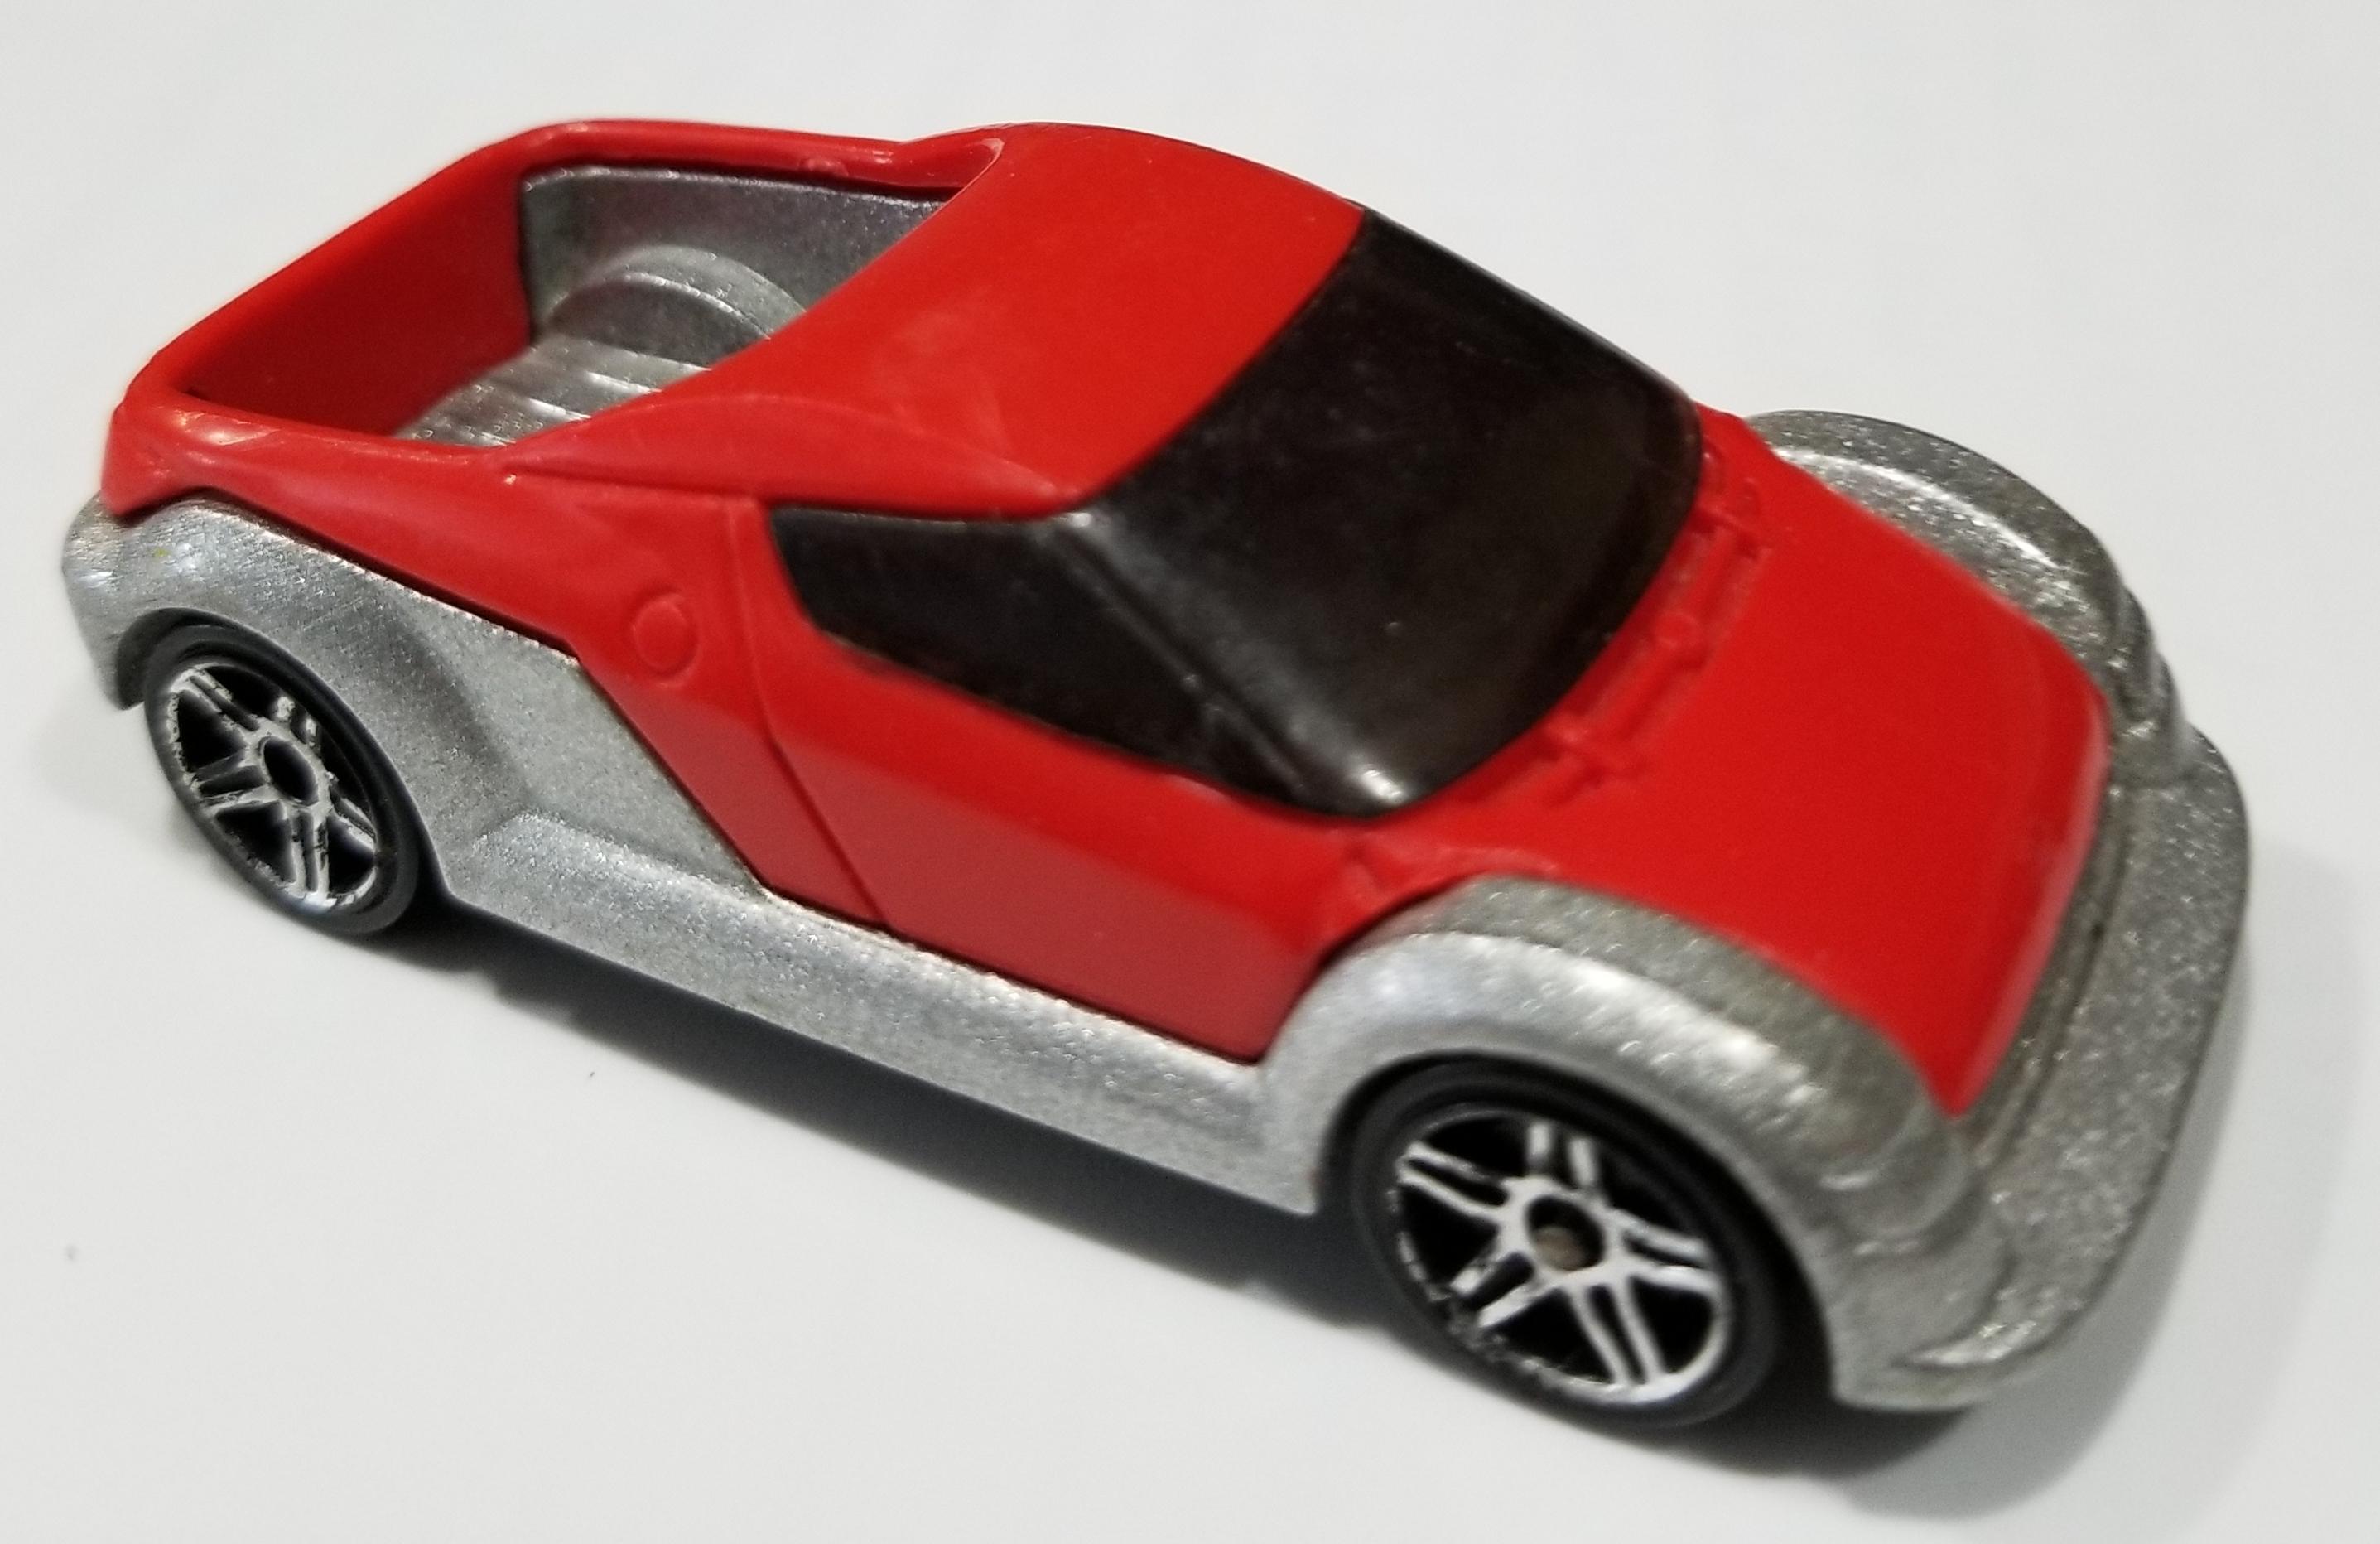 Honda Spocket